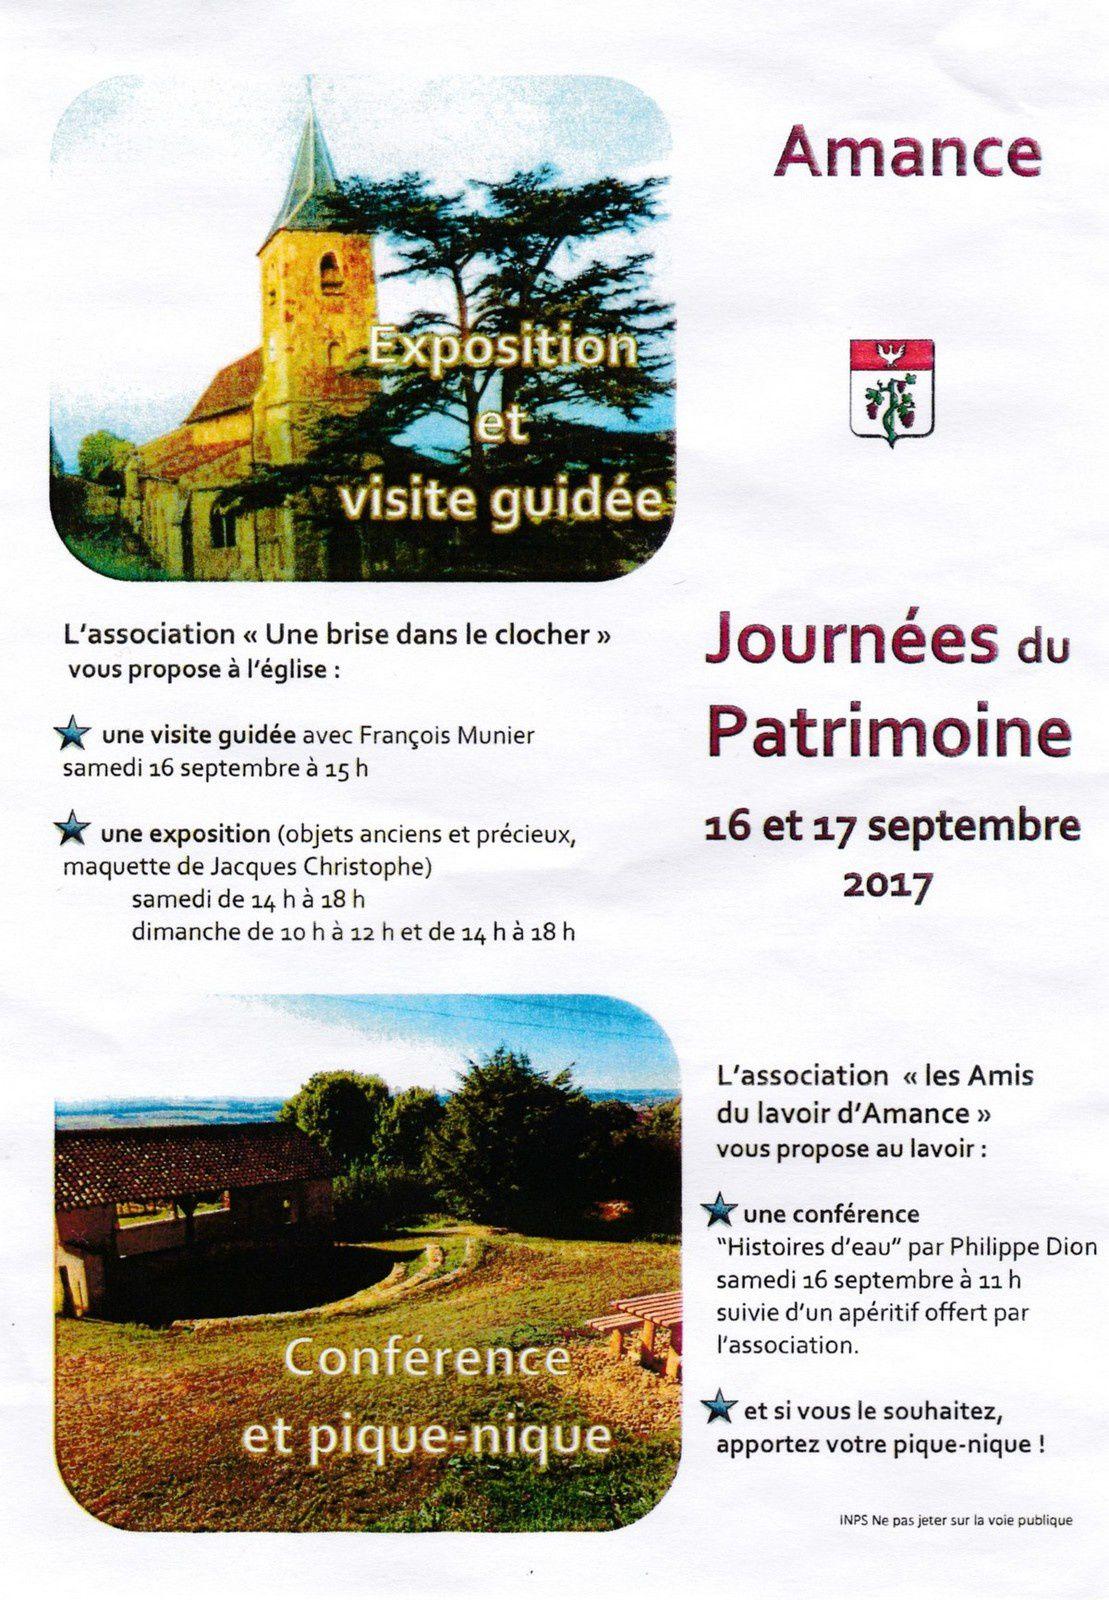 Journées du patrimoine 2017 à Amance